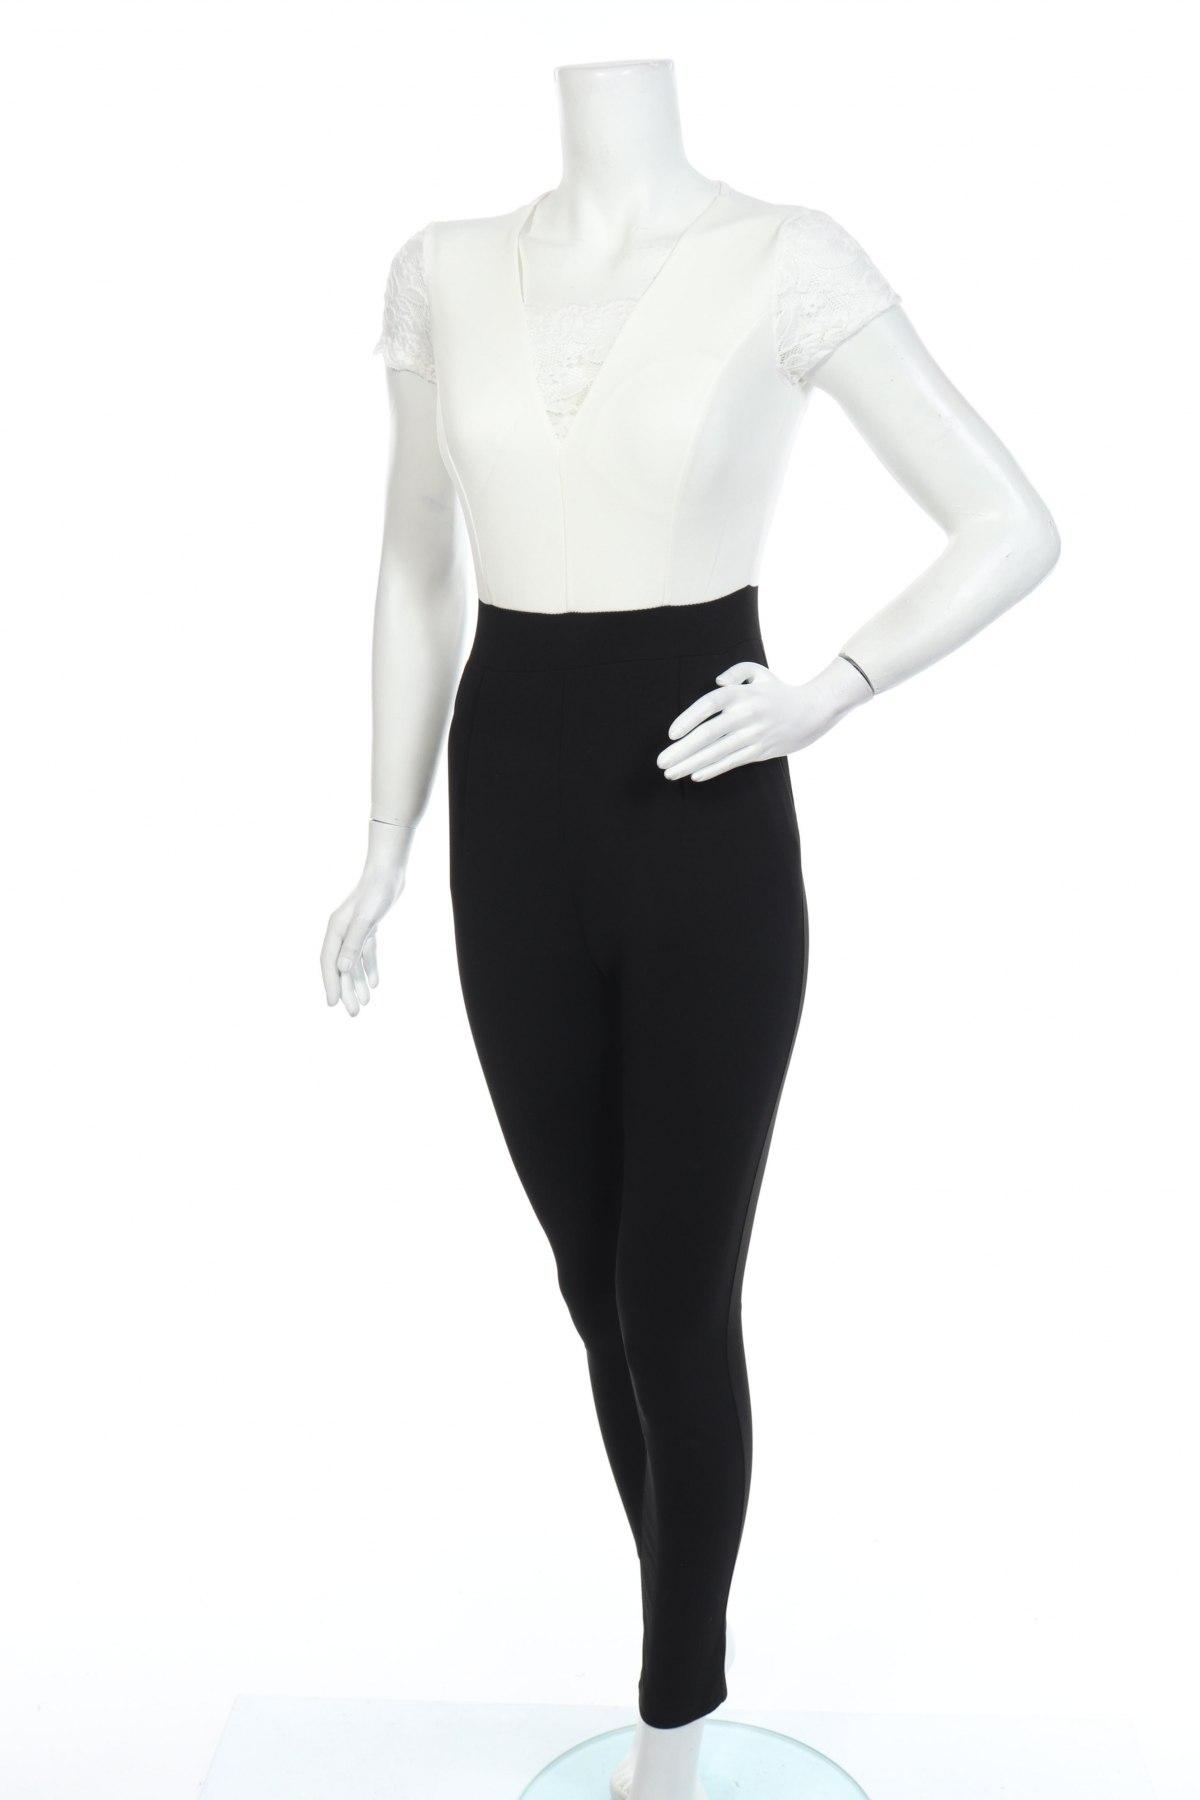 Γυναικεία σαλοπέτα Wal G, Μέγεθος XS, Χρώμα Μαύρο, 95% πολυεστέρας, 5% ελαστάνη, Τιμή 12,63€